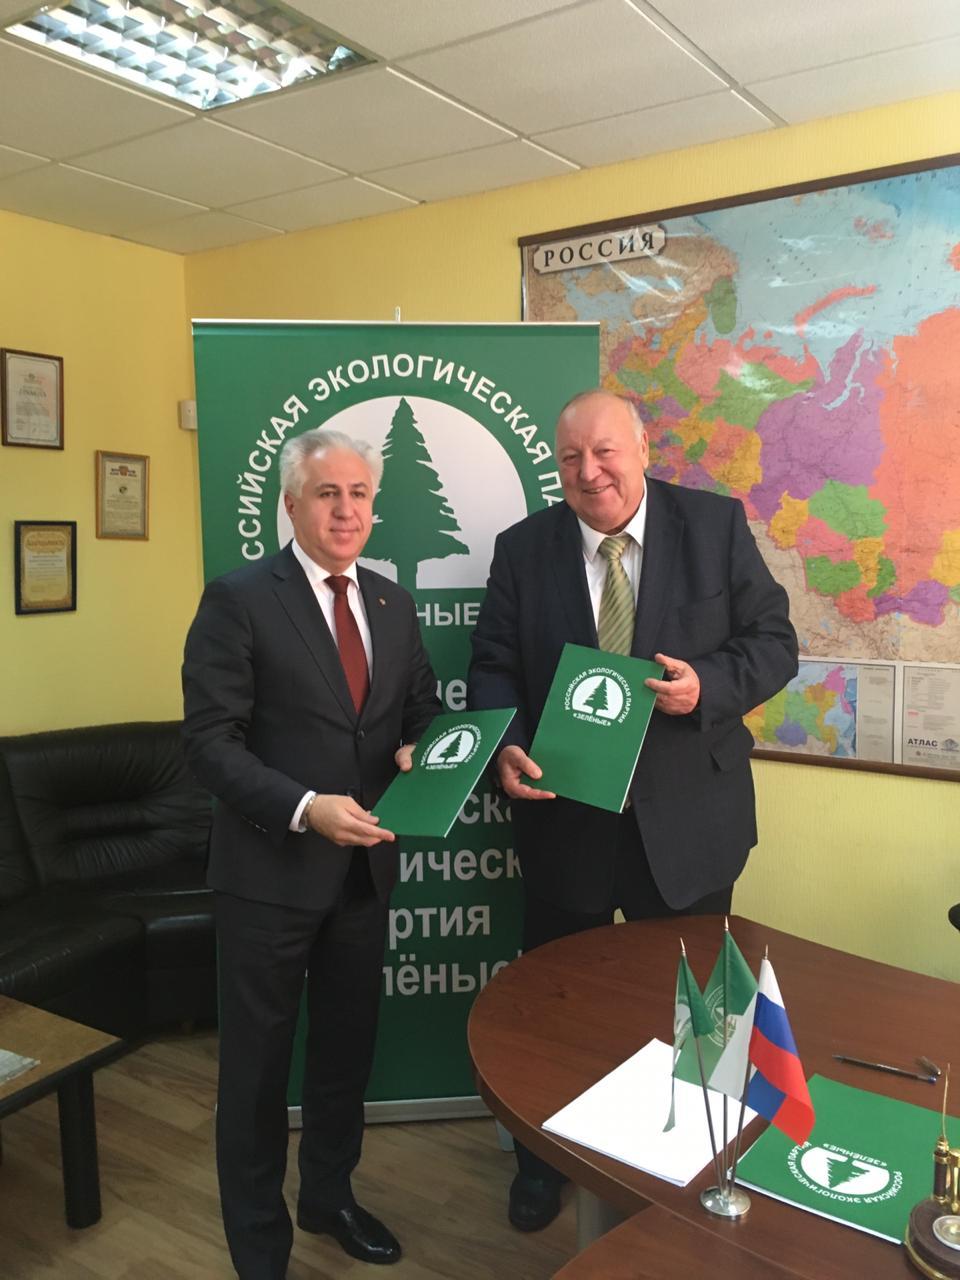 Российская экологическая партия Зеленые и Рашид Исмаилов